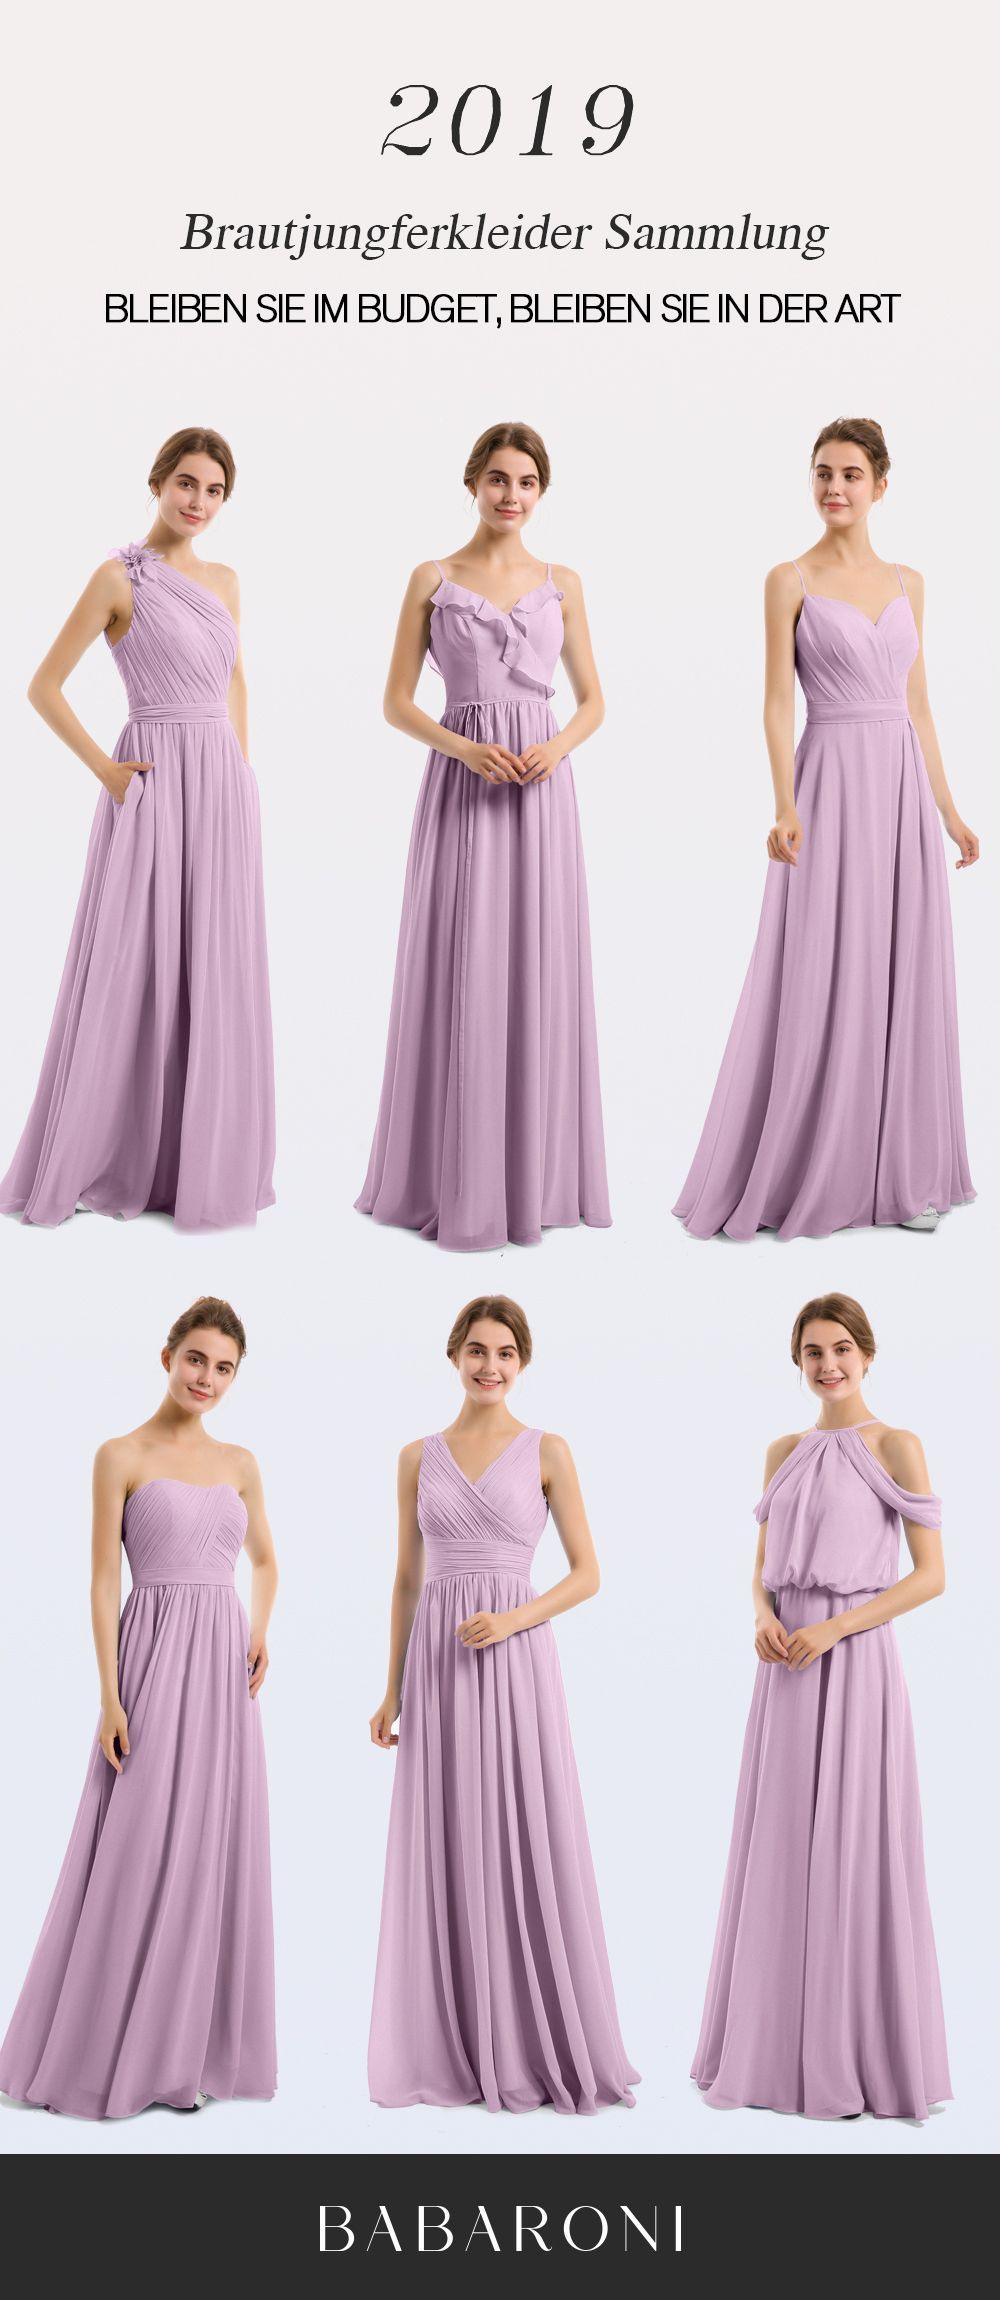 Abend Einfach Was Über Abendkleid Anziehen Boutique13 Einfach Was Über Abendkleid Anziehen Design